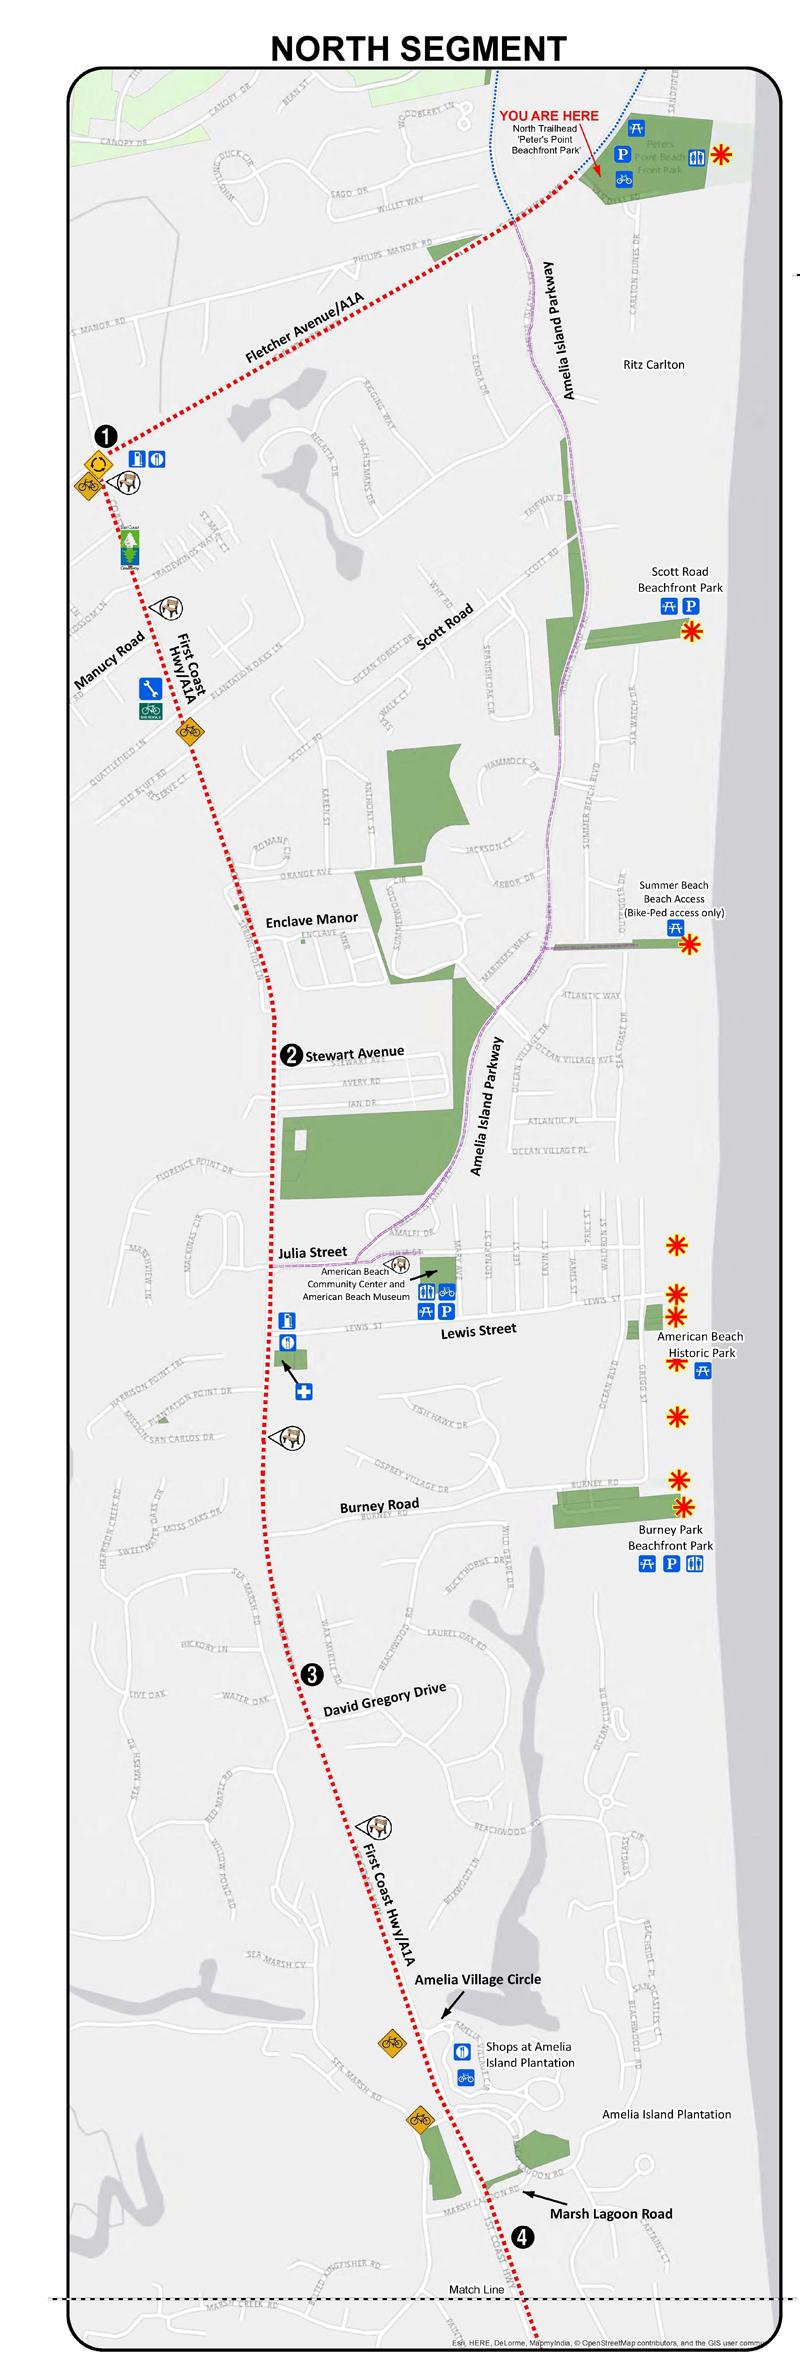 Where Is Amelia Island Florida On The Map.Amelia Island Trail Maps